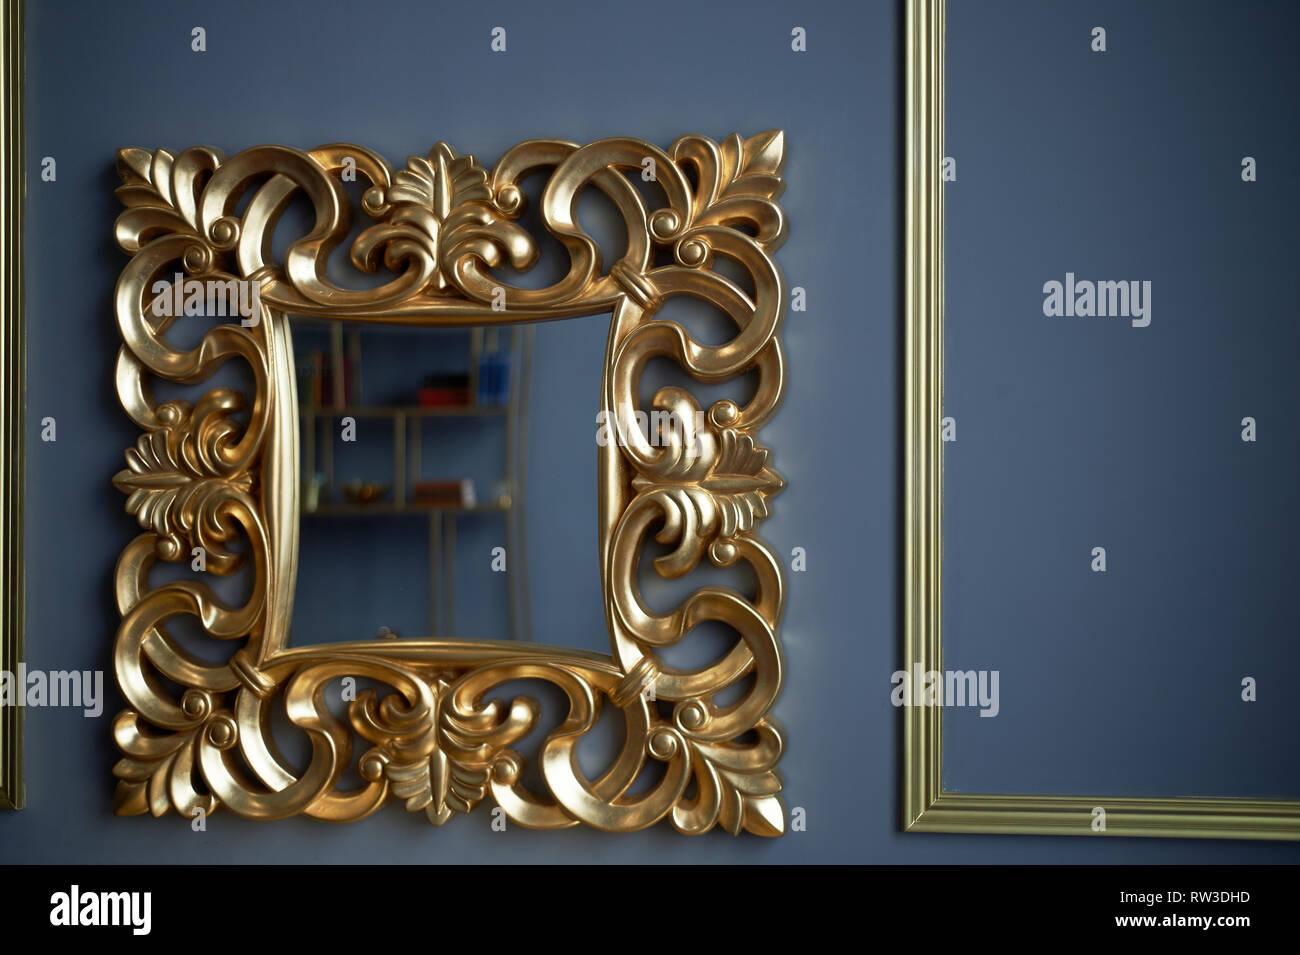 Spiegel in einer goldenen Maßwerk Frame auf dem Hintergrund der klassischen grauen Wänden Stockbild